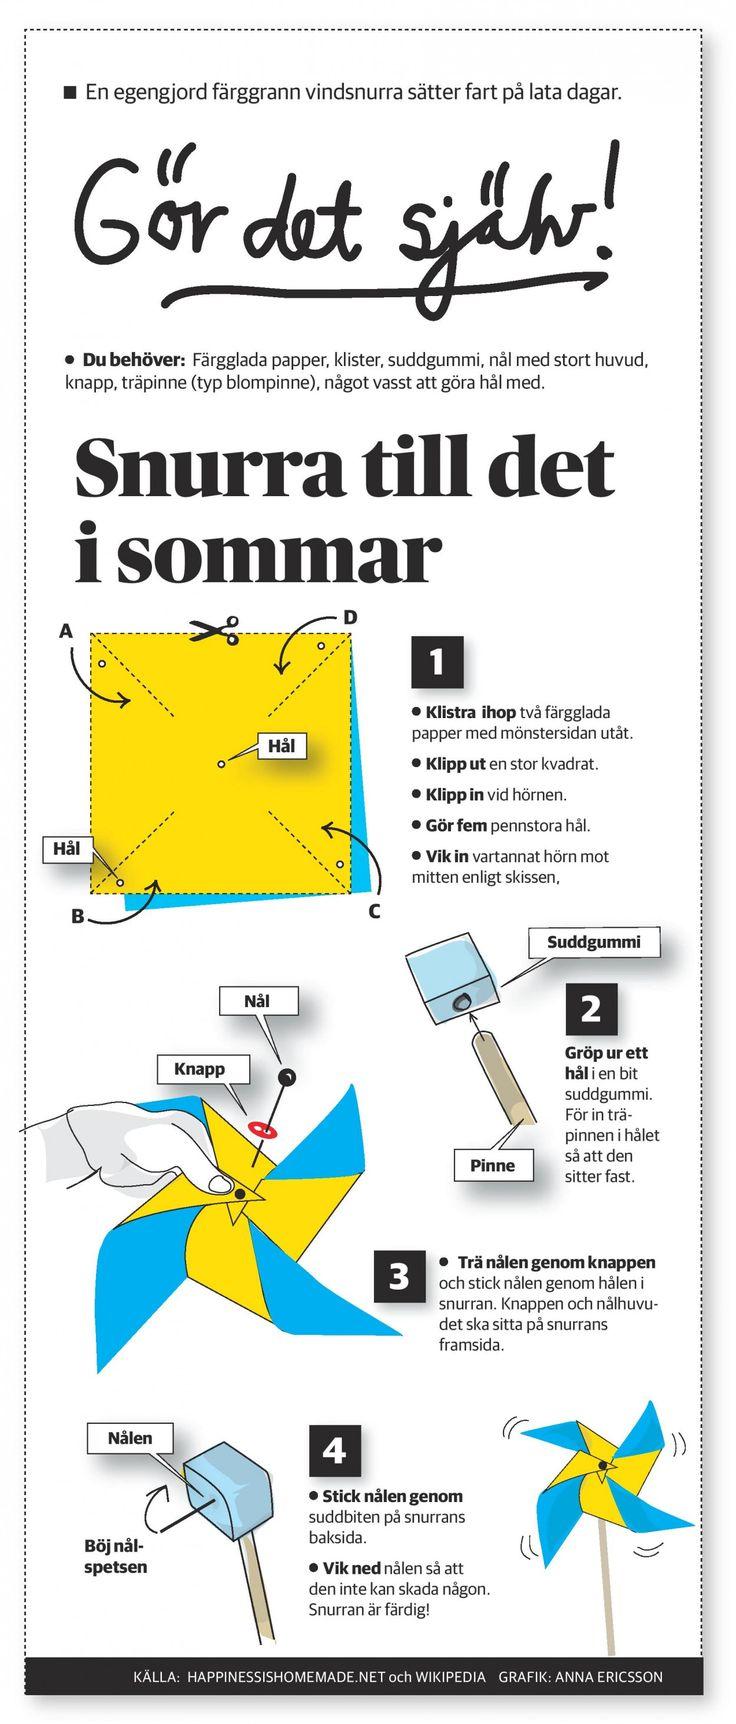 Gör det själv. VindSnurra // Translalte from Swedish//